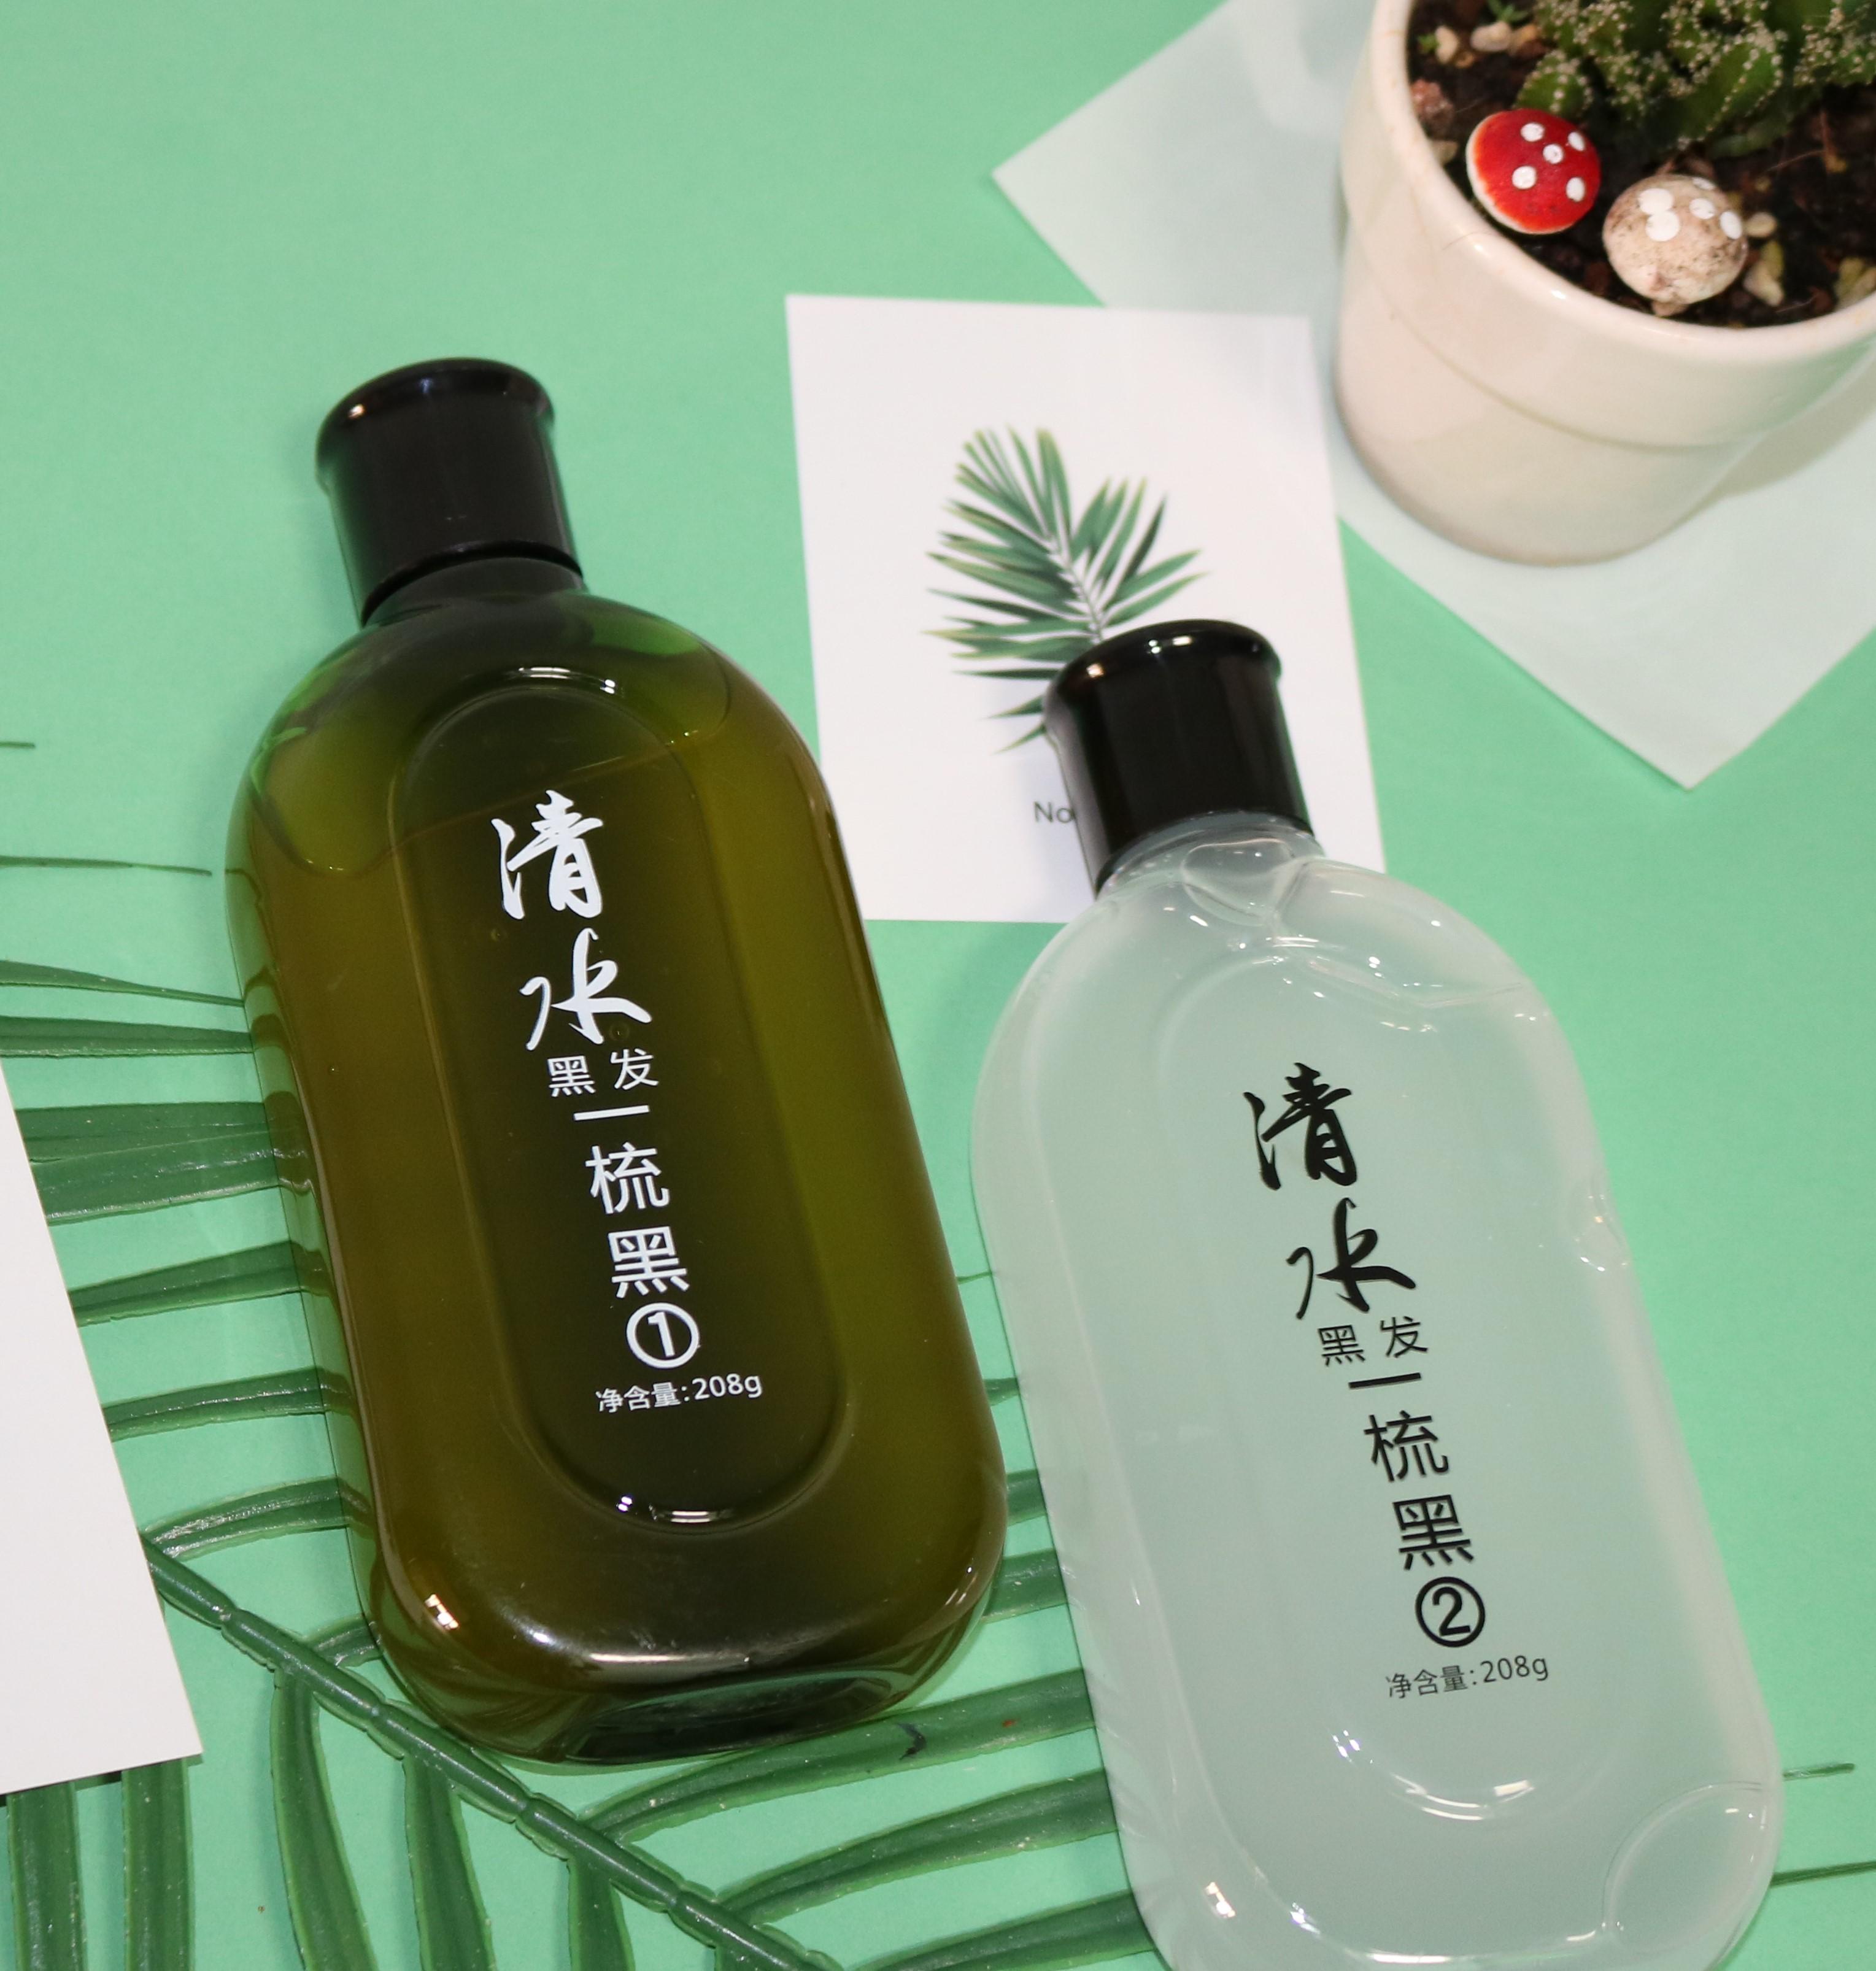 Dầu gội nhuộm tóc trị bạc thảo dược dạng chai - Đen tự nhiên nhập khẩu